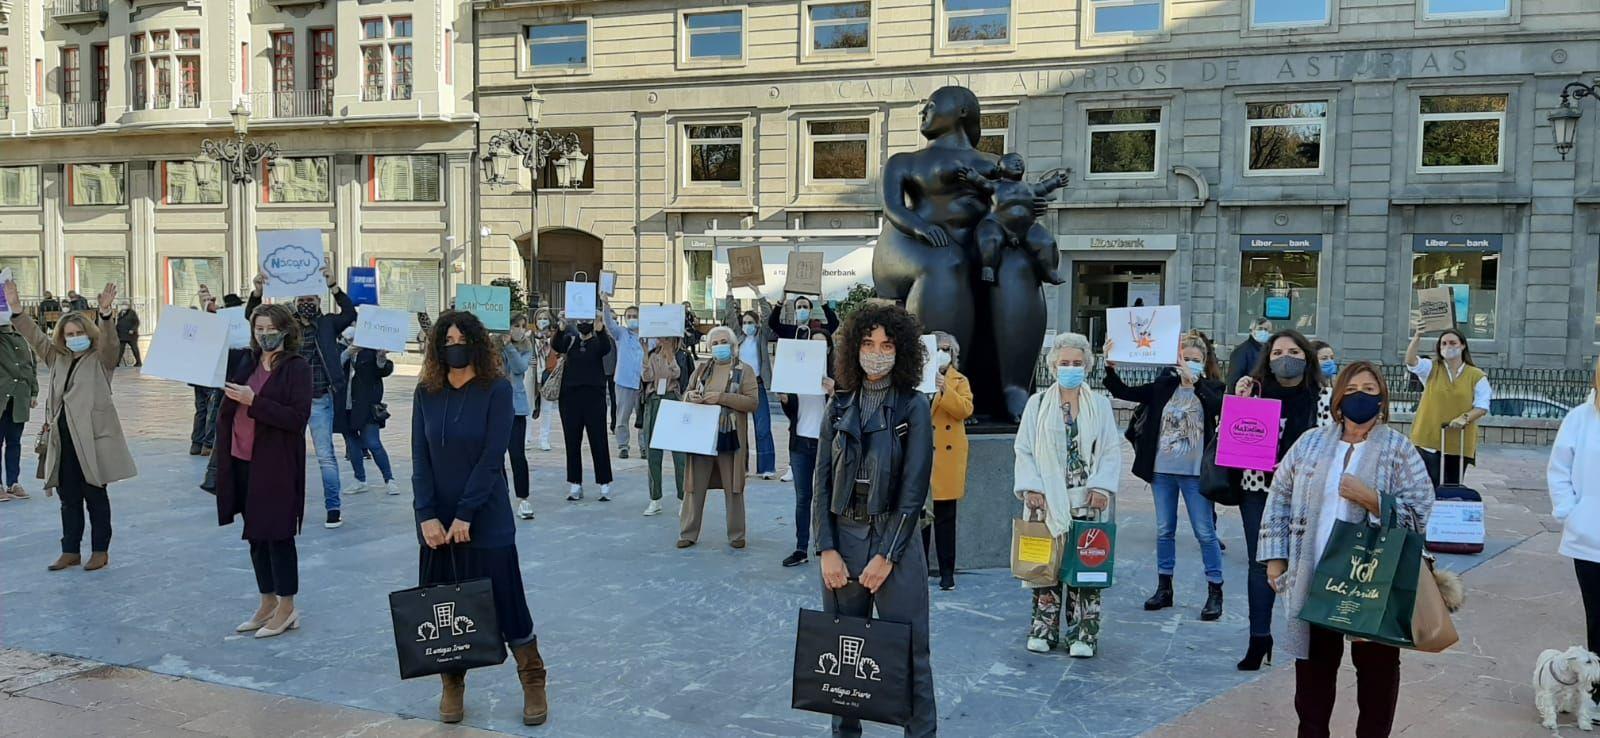 Los comerciantes ovetenses protestan en la Escandalera.